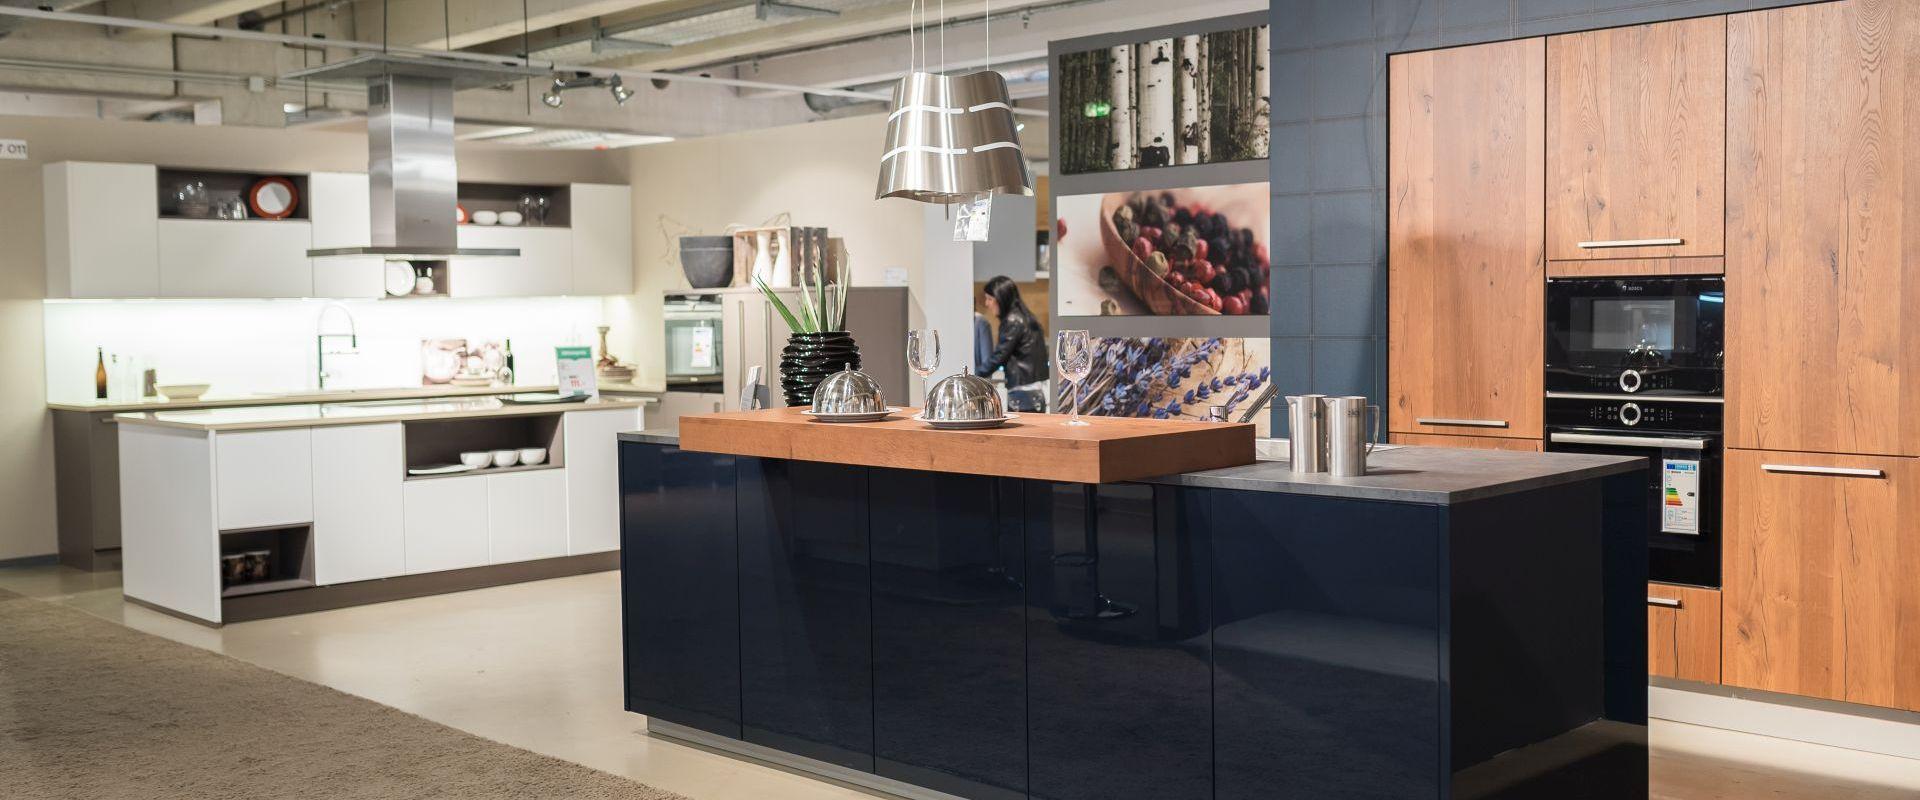 Hochglanz Küchen kaufen in Obernburg - spilger.de